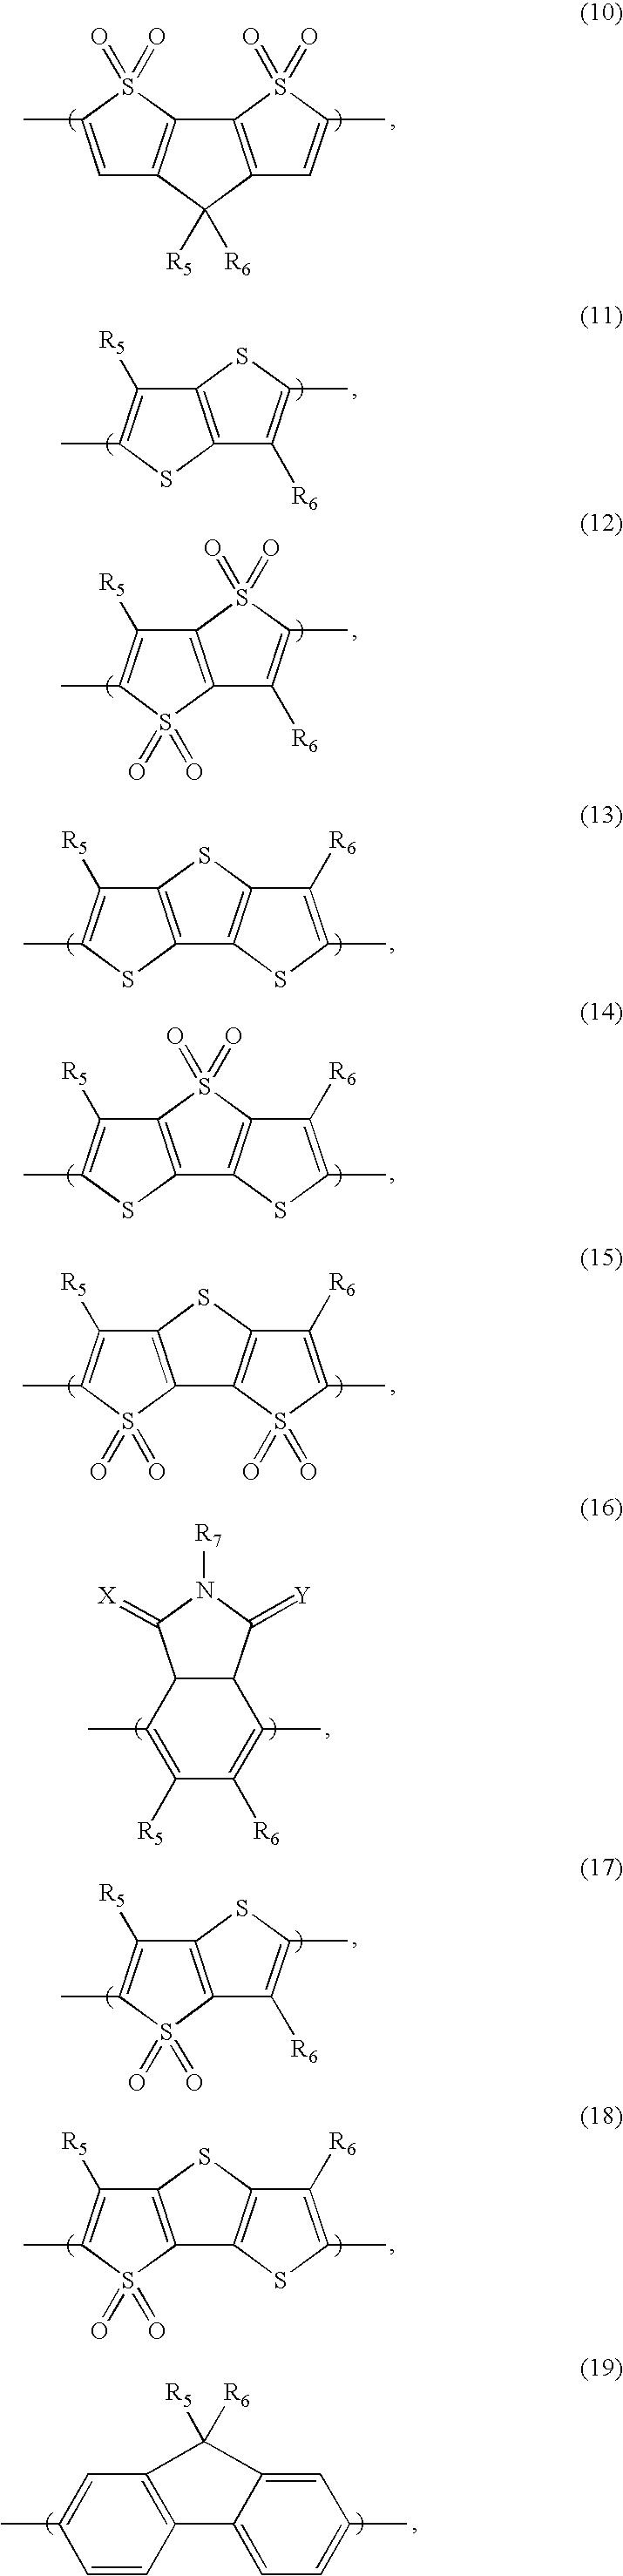 Figure US20080236657A1-20081002-C00003